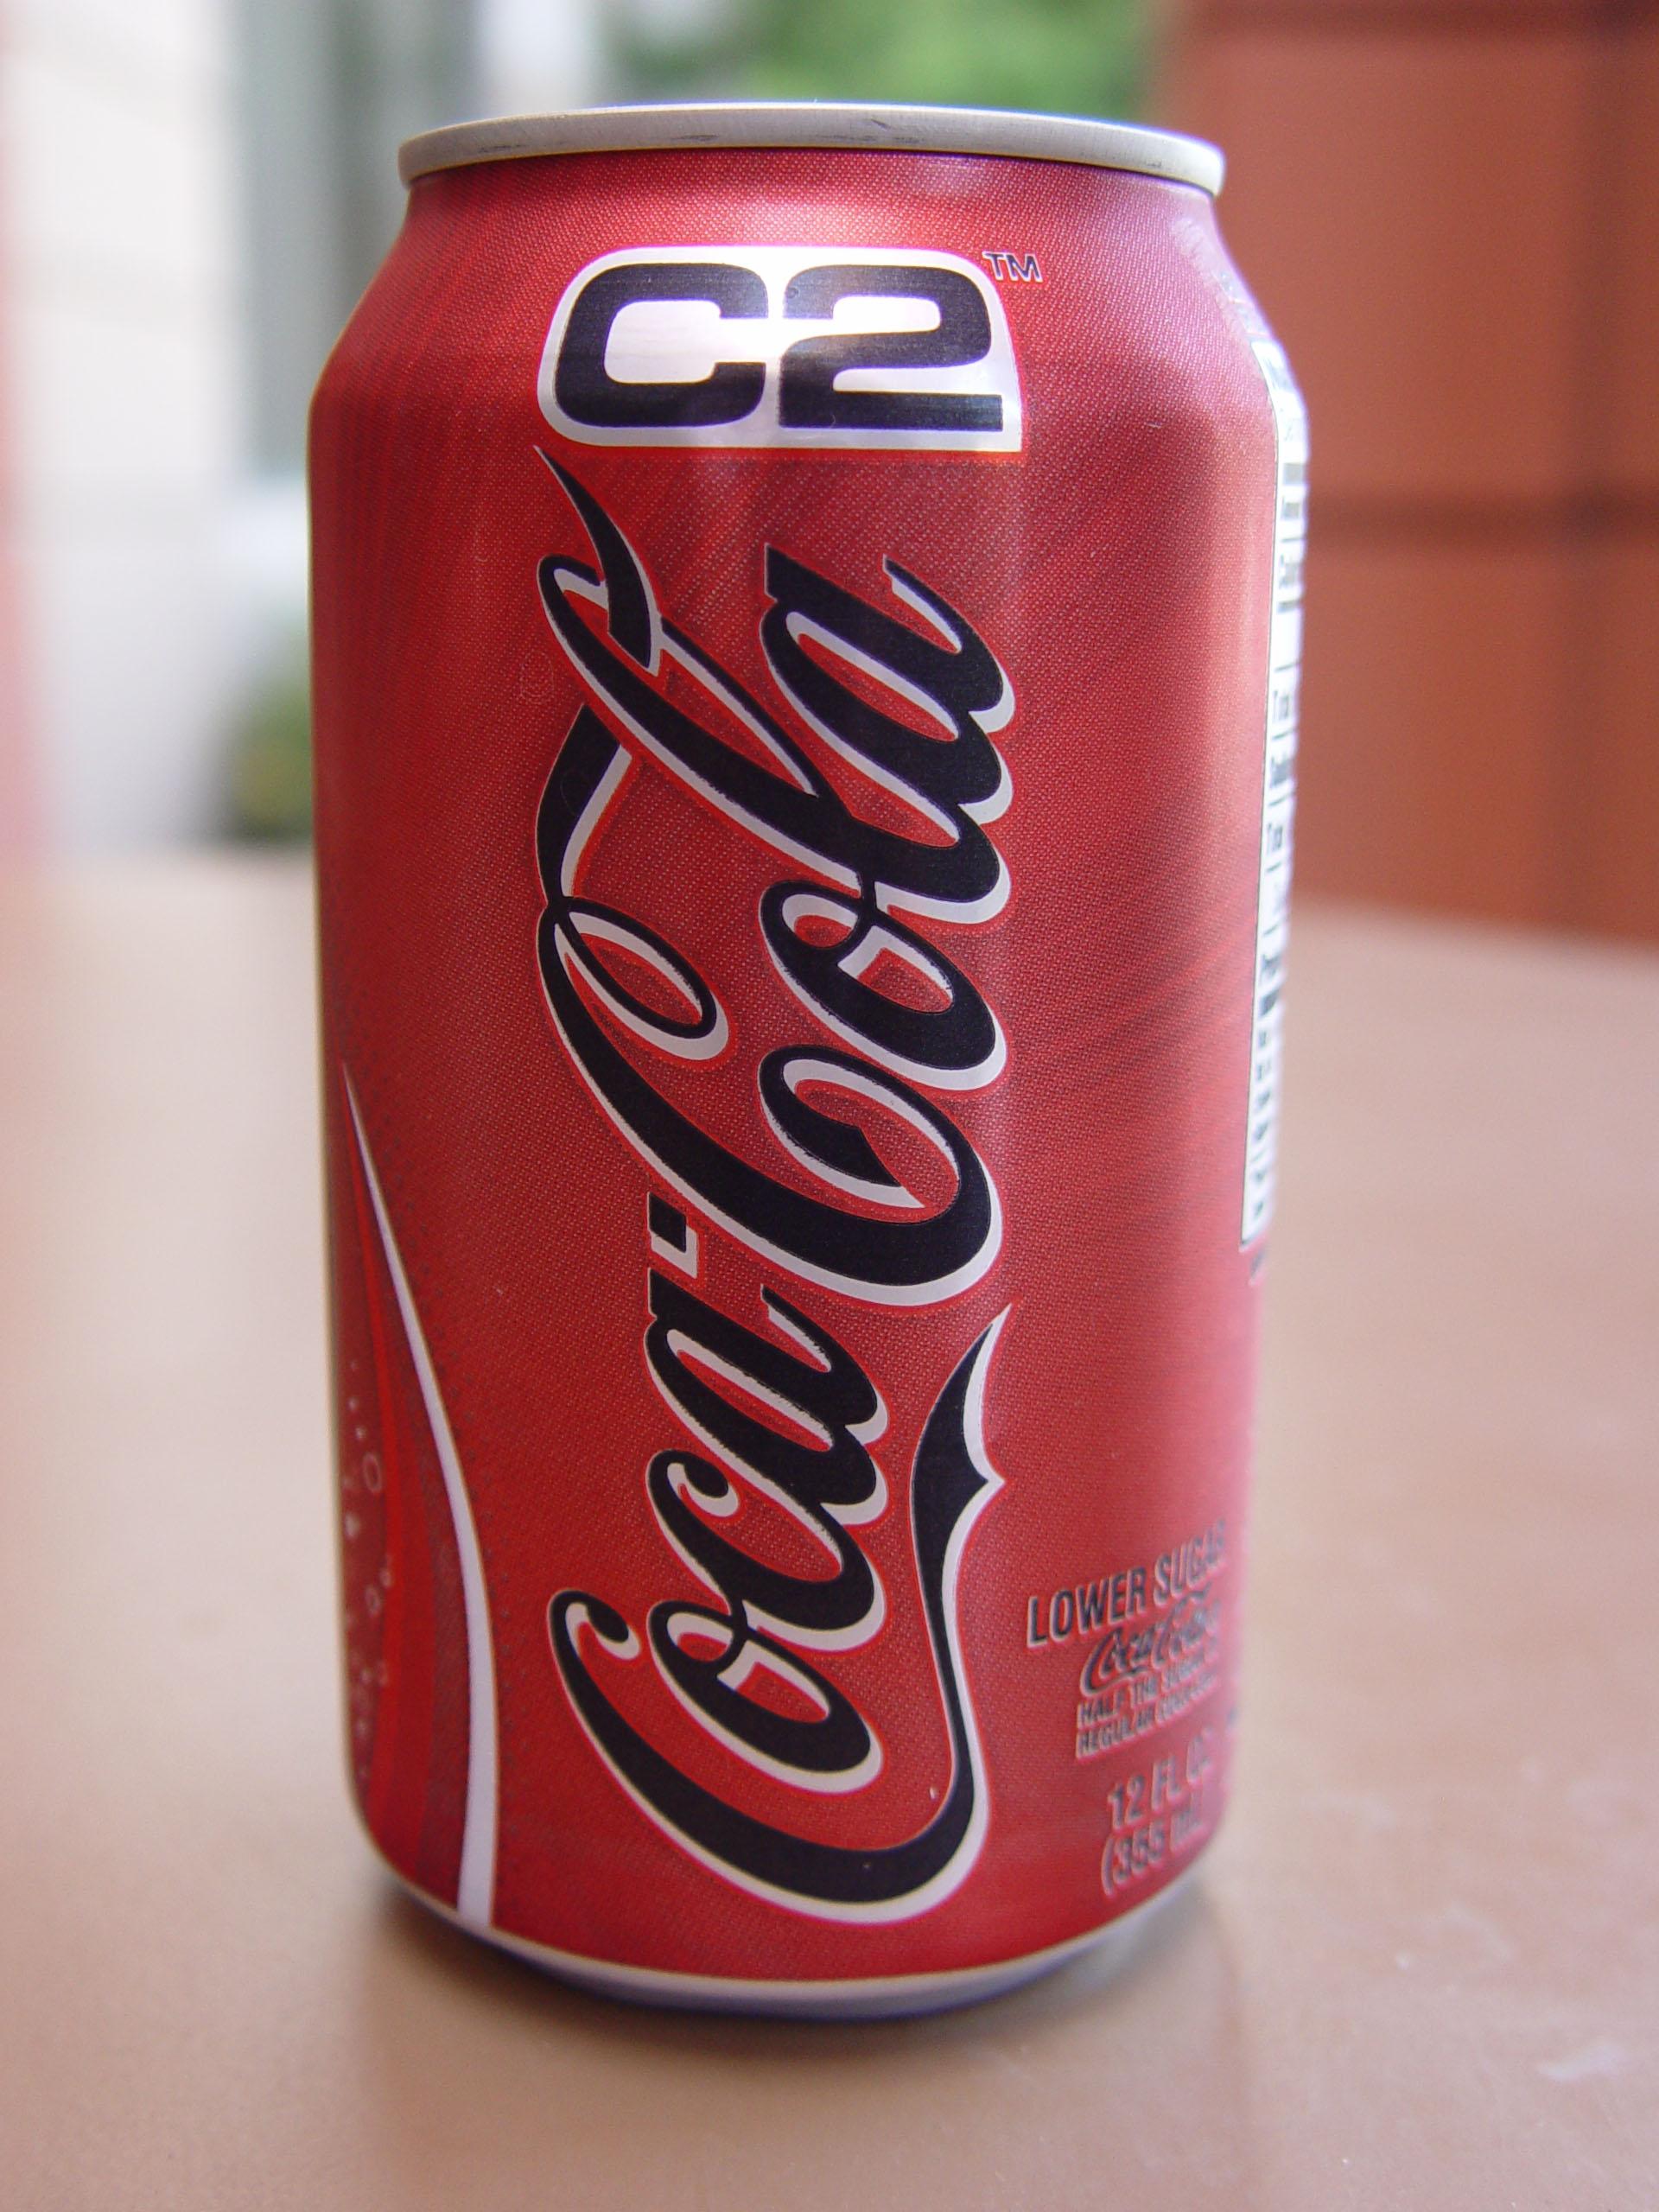 CocaCola C2